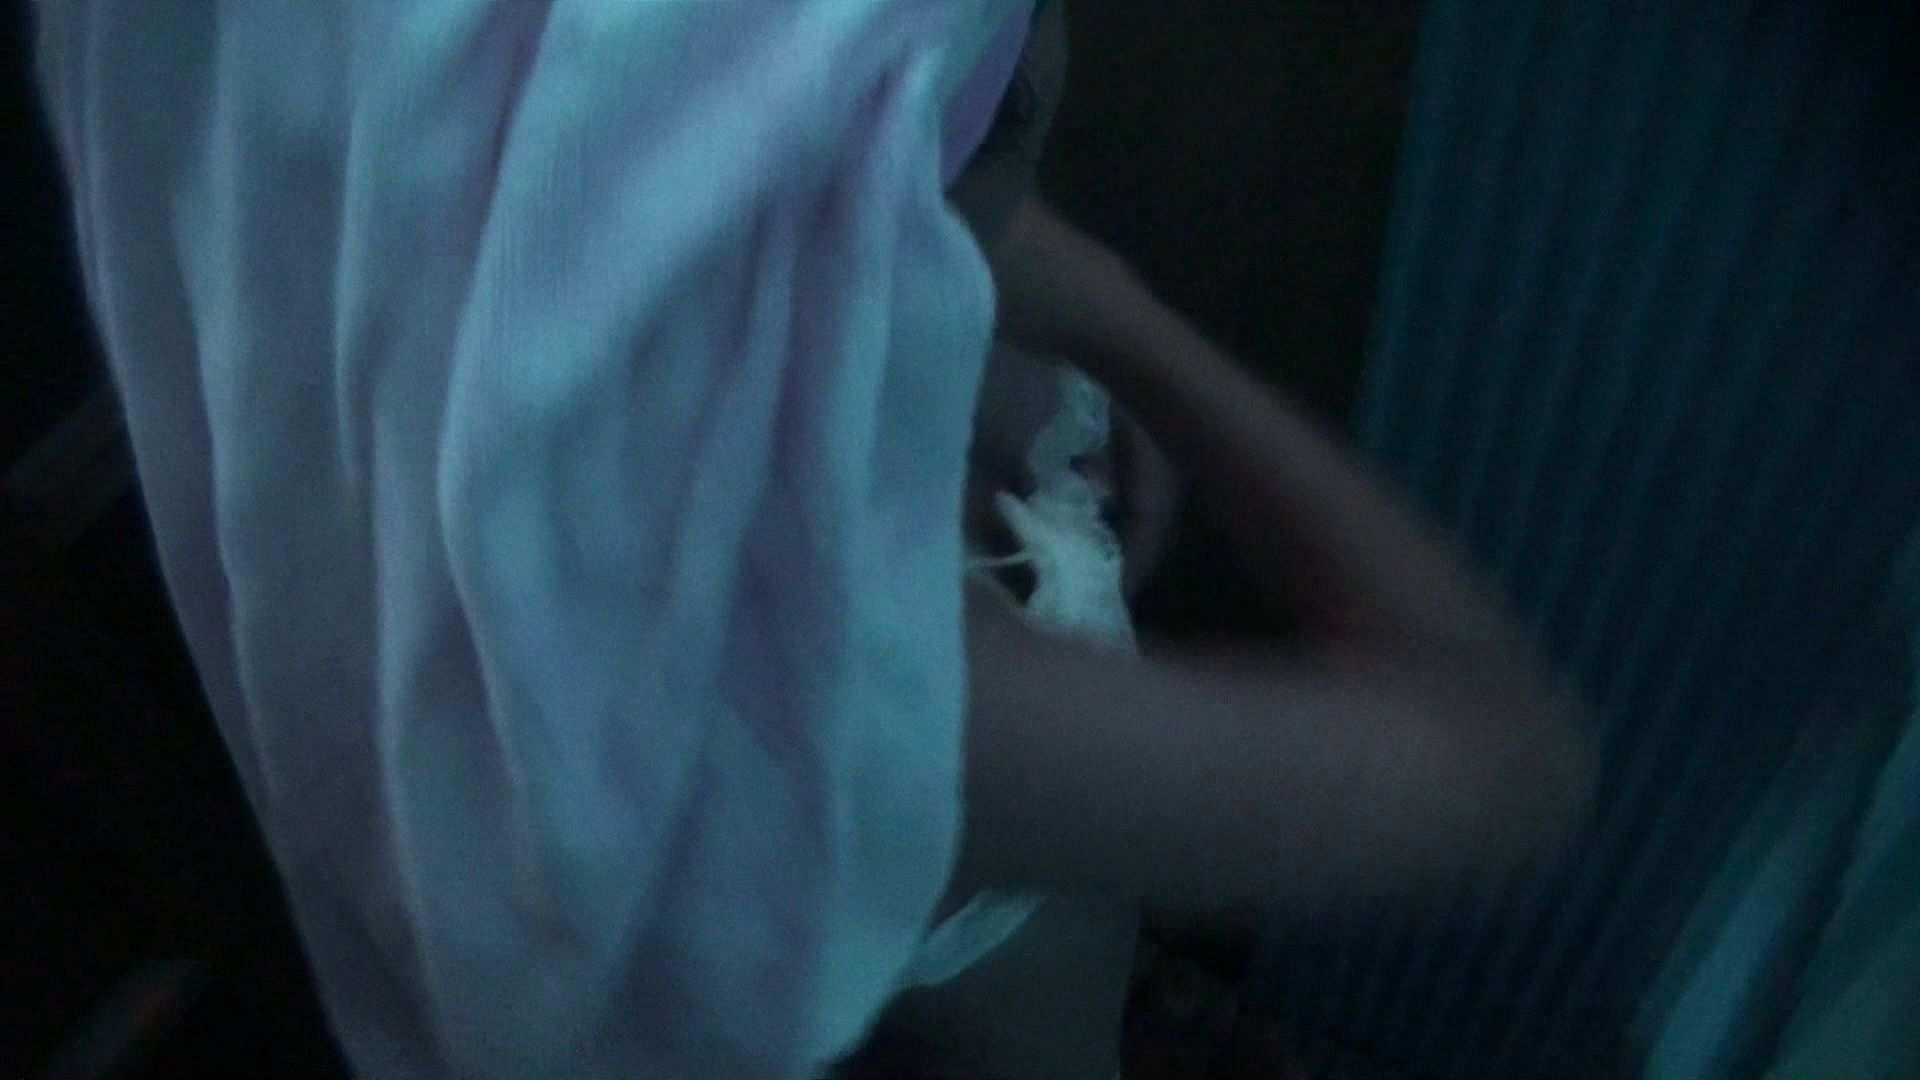 シャワールームは超!!危険な香りVol.26 大学生風美形ギャル 暗さが残念! エロティックなOL オメコ無修正動画無料 95画像 10